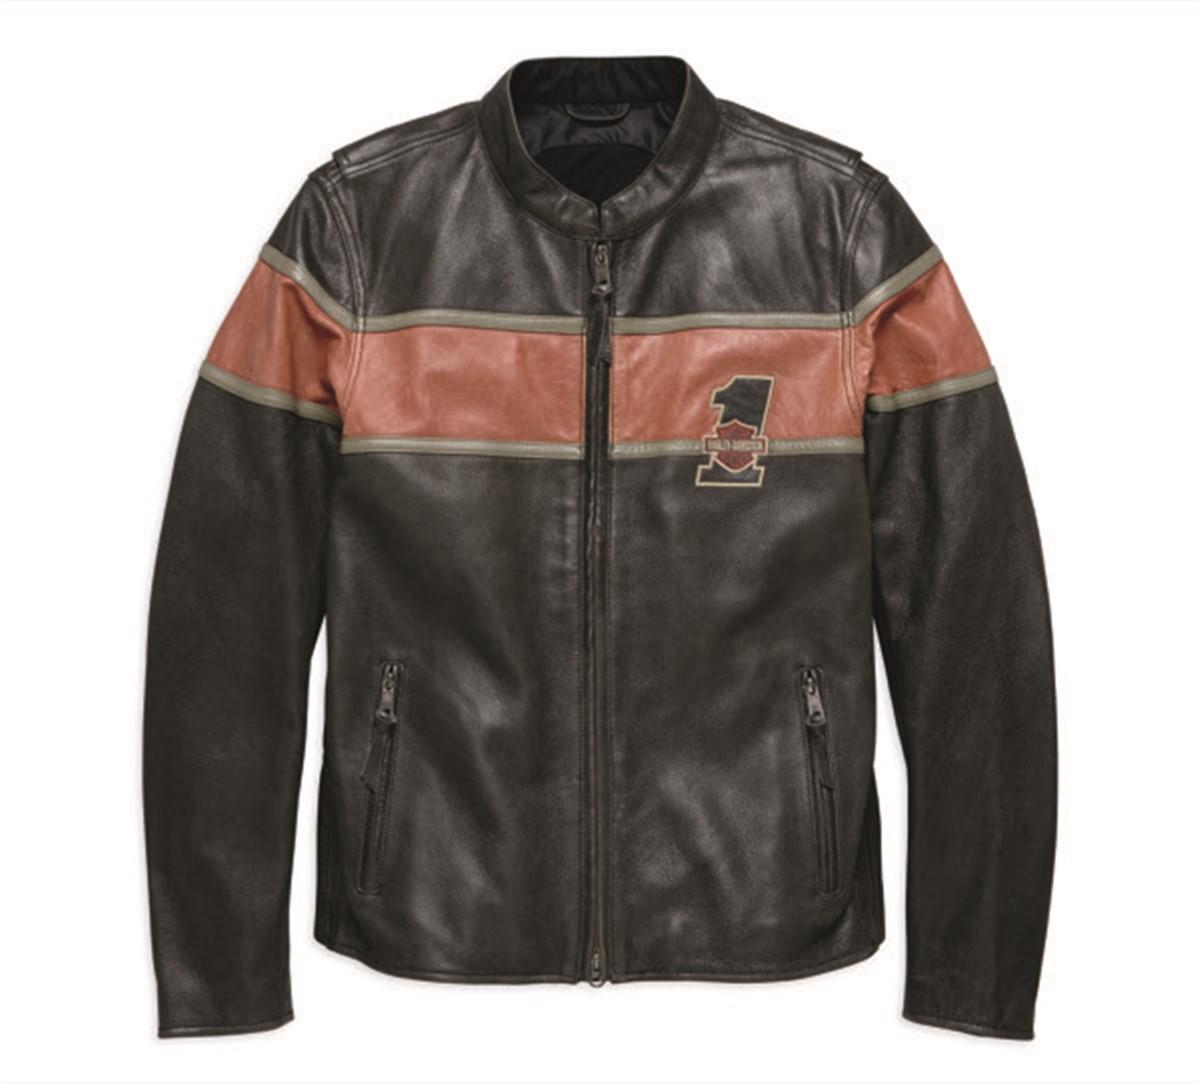 Davidson Harley Cantabria Categorias De Productos Moda Los AW58qZ8xnT